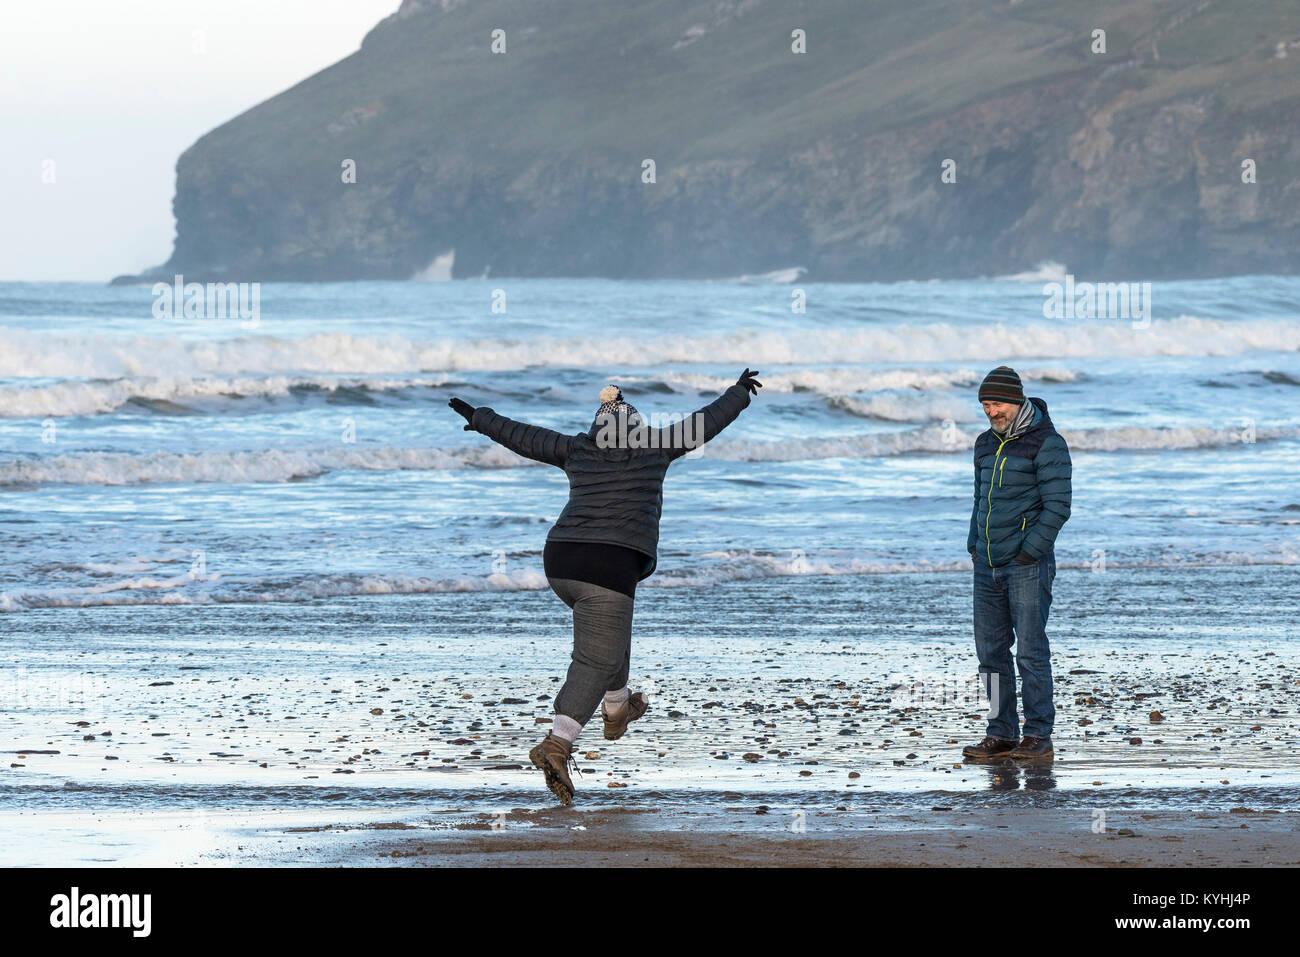 Polzeath - una donna salta sopra un piccolo flusso su Polzeath Beach a nord della costa della Cornovaglia. Immagini Stock